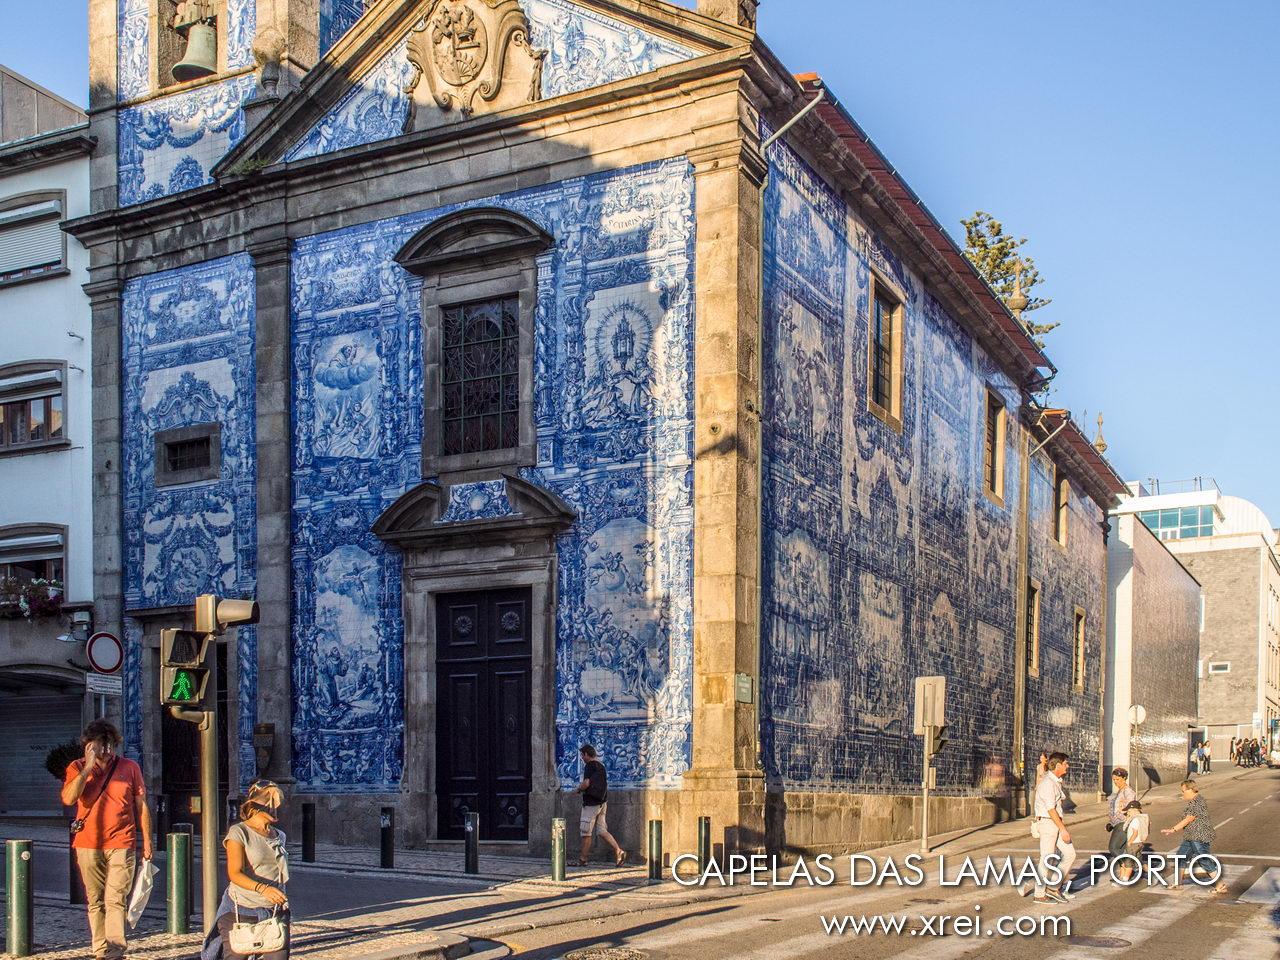 Capela das Almas, una capilla del siglo XVIII cubierta con 15.947 azulejos de Eduardo Leite y fue ejecutada por la Fábrica de Cerámica Viúva Lamego en Lisboa